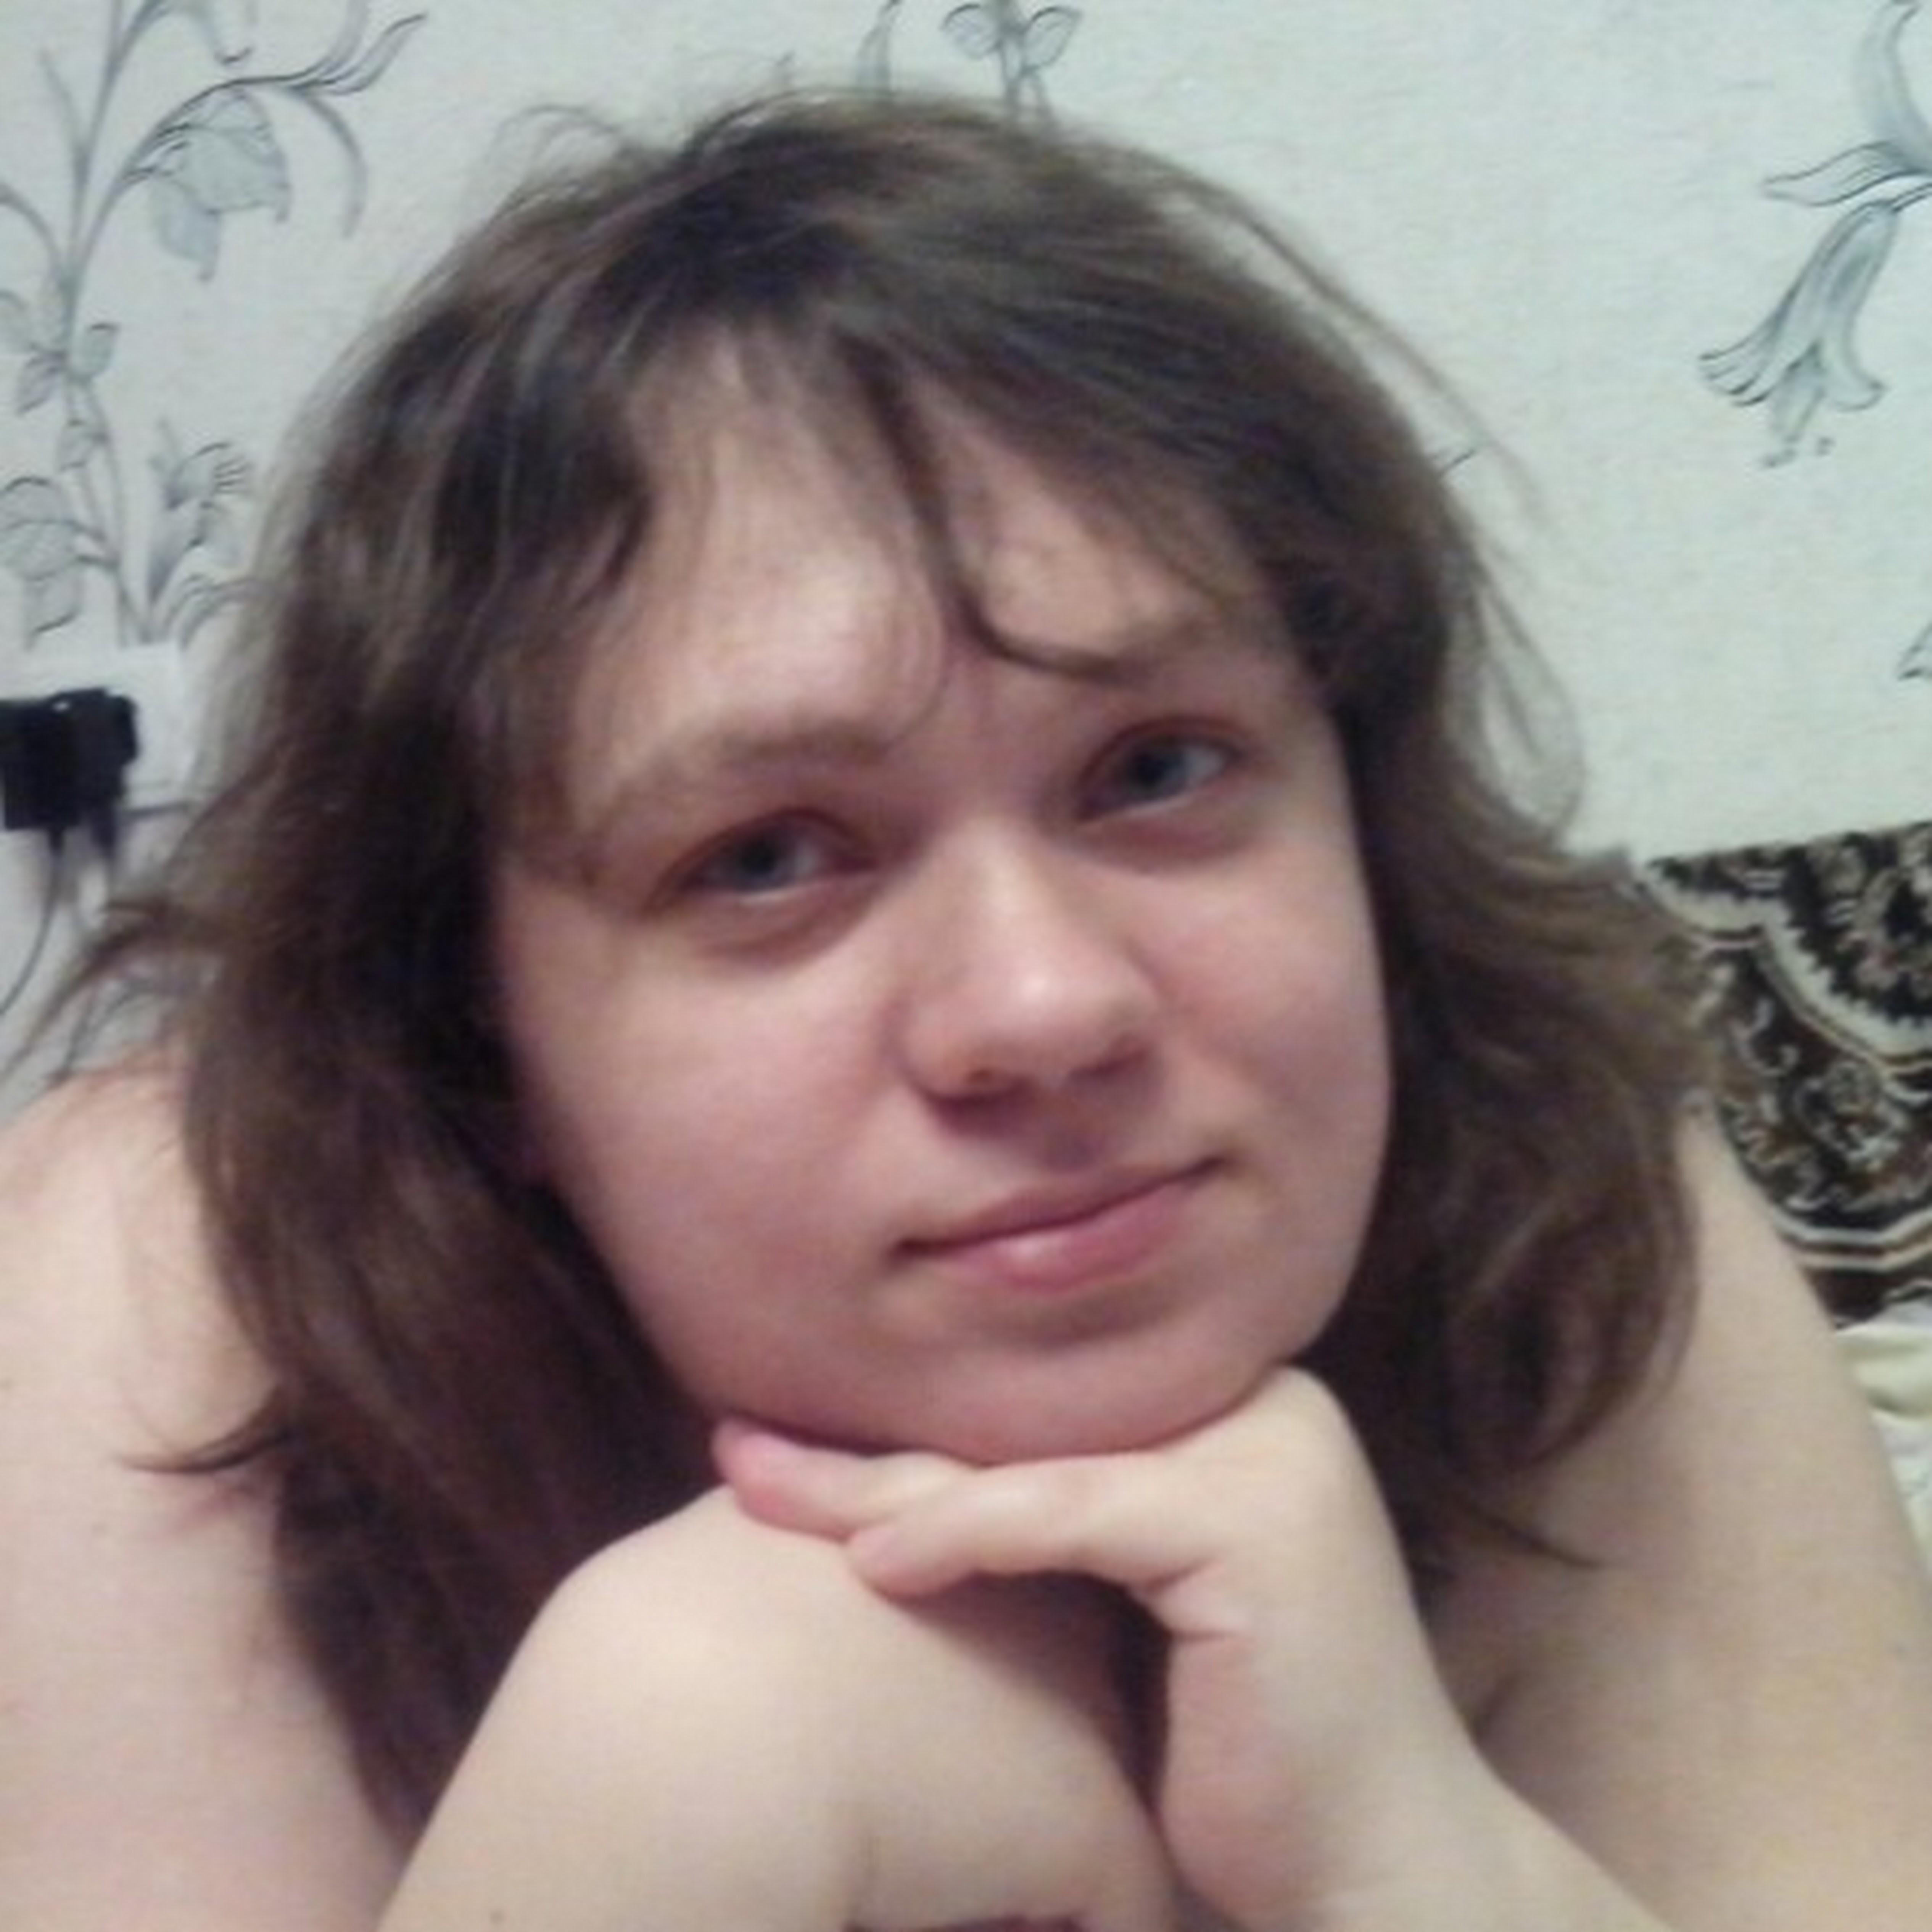 Venäjän dating kuvat mennyt pieleen